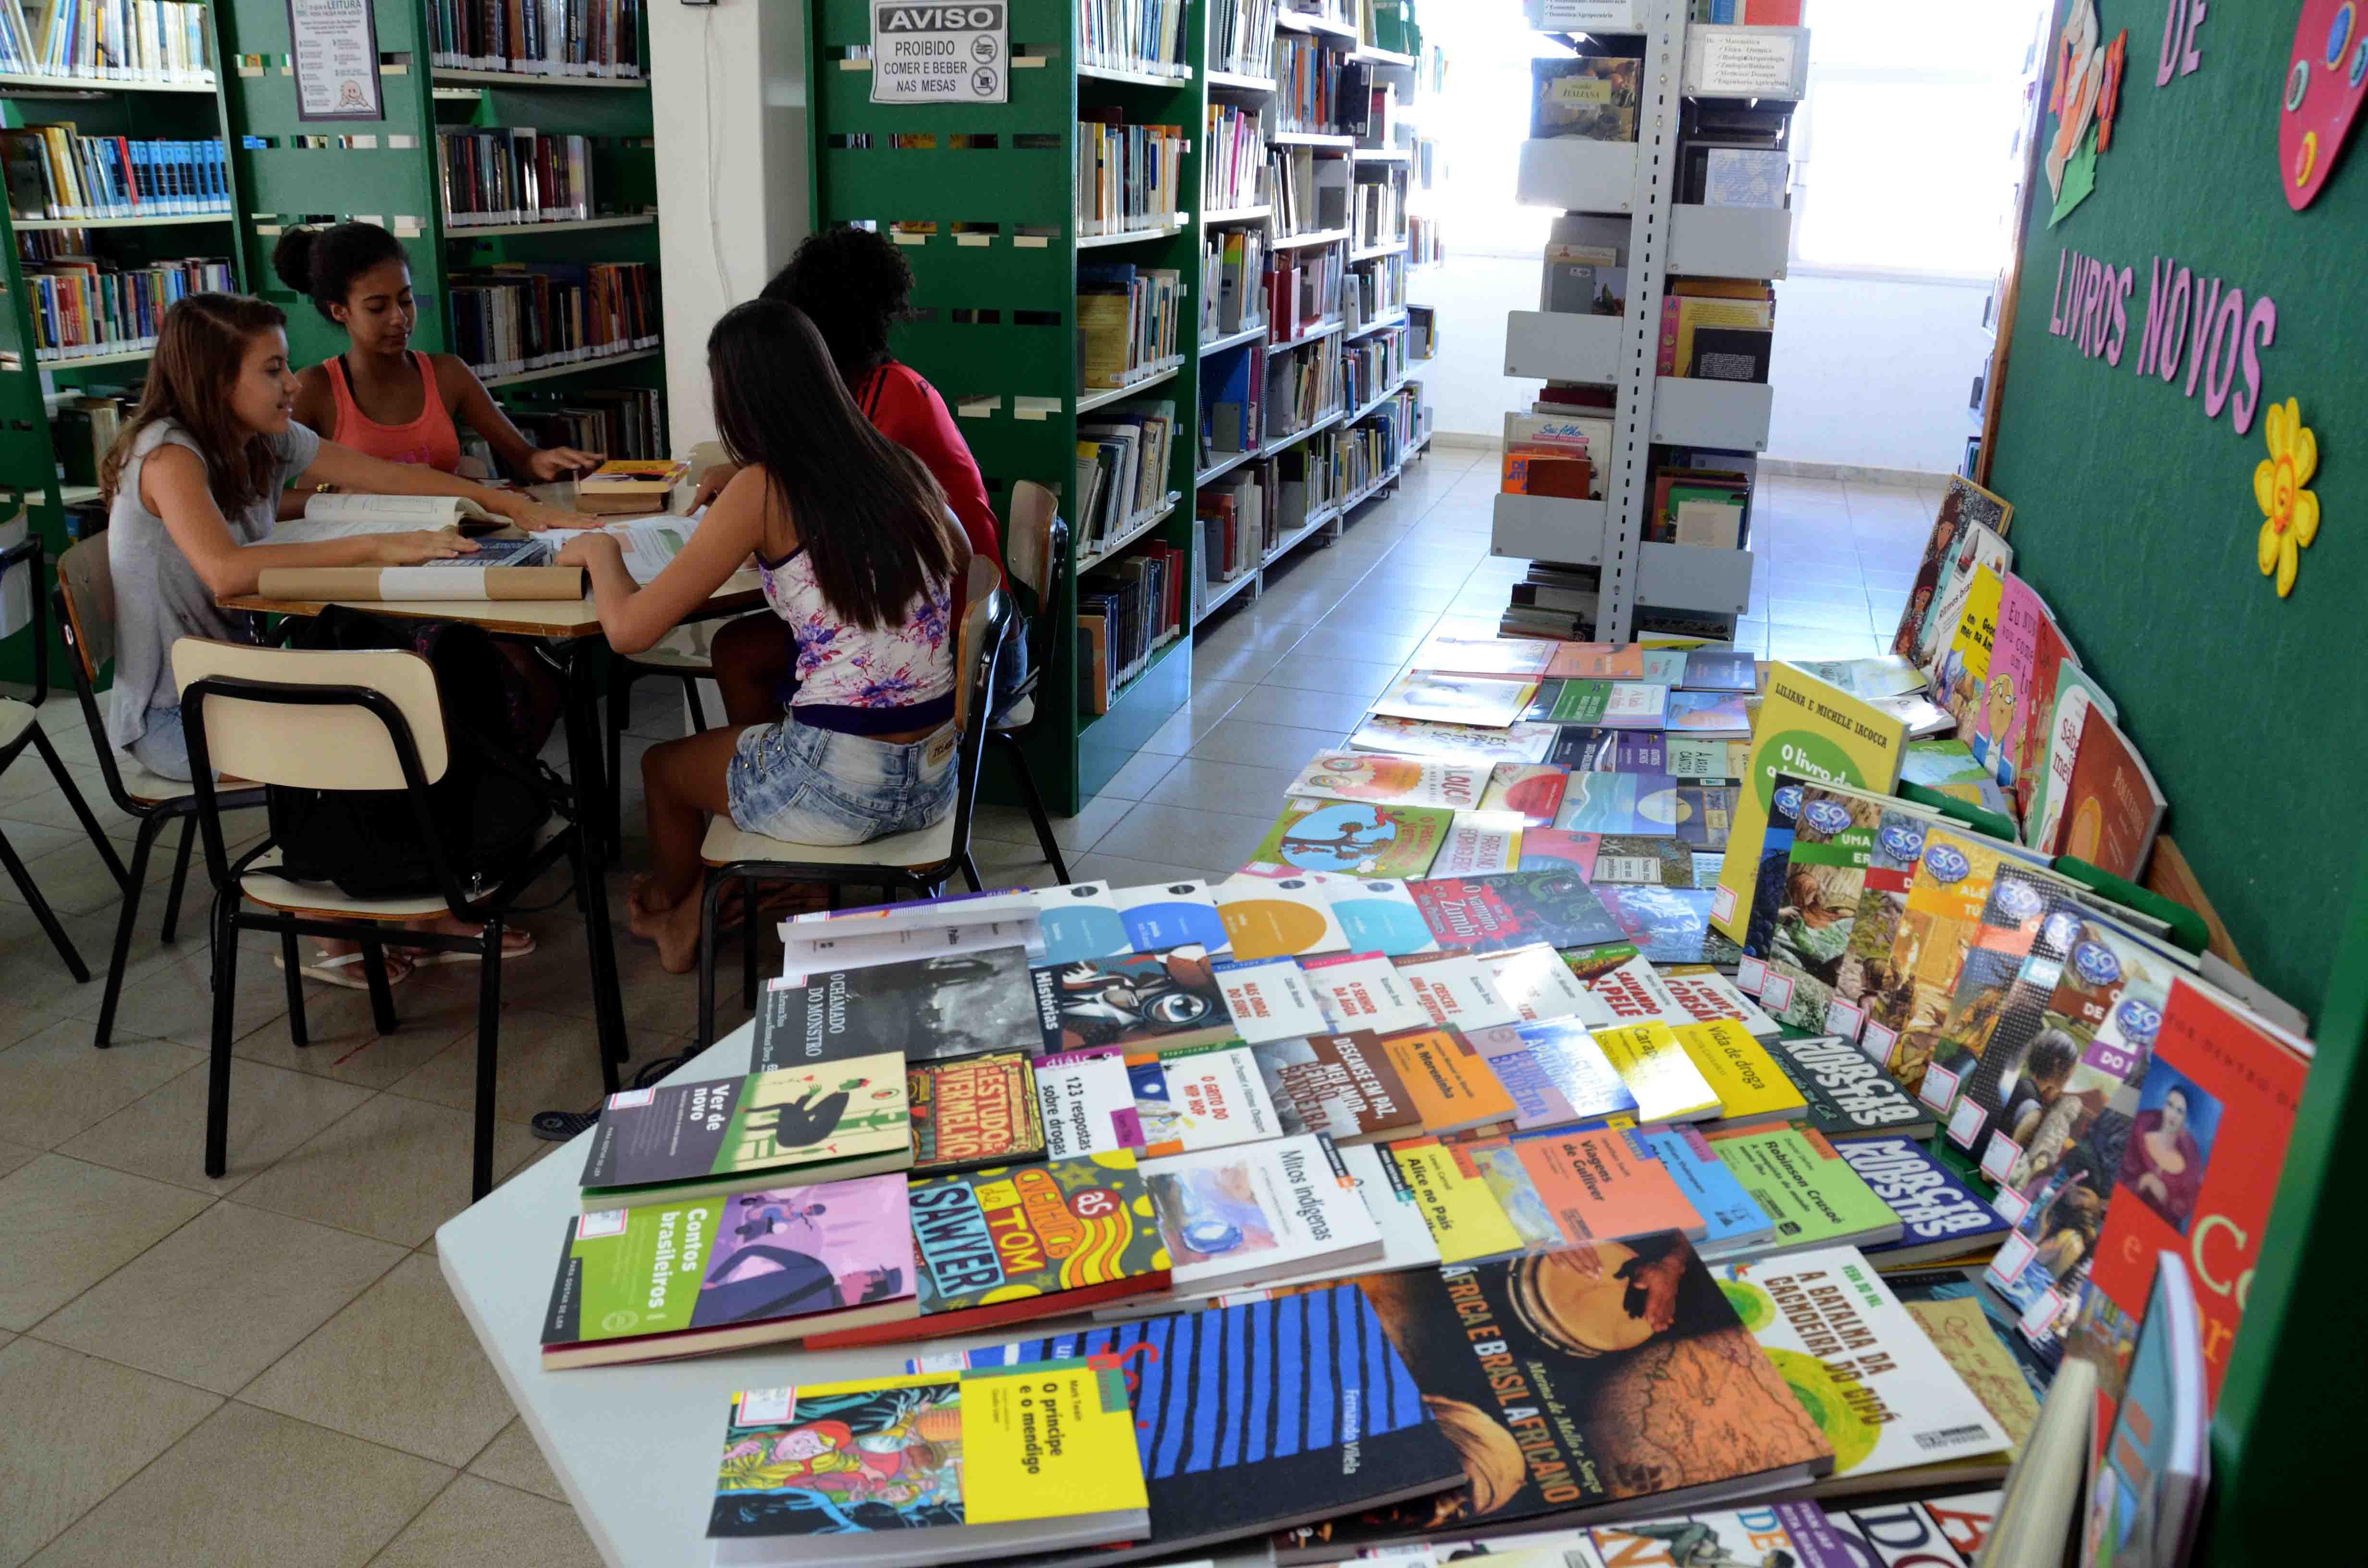 Biblioteca promove atividades de incentivo à cultura (Foto: Divulgação)